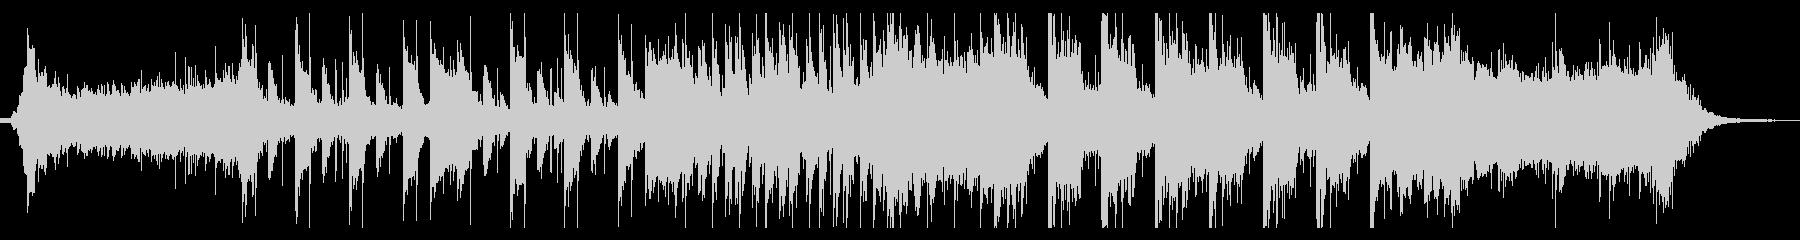 ダークで近未来的なEDMの未再生の波形